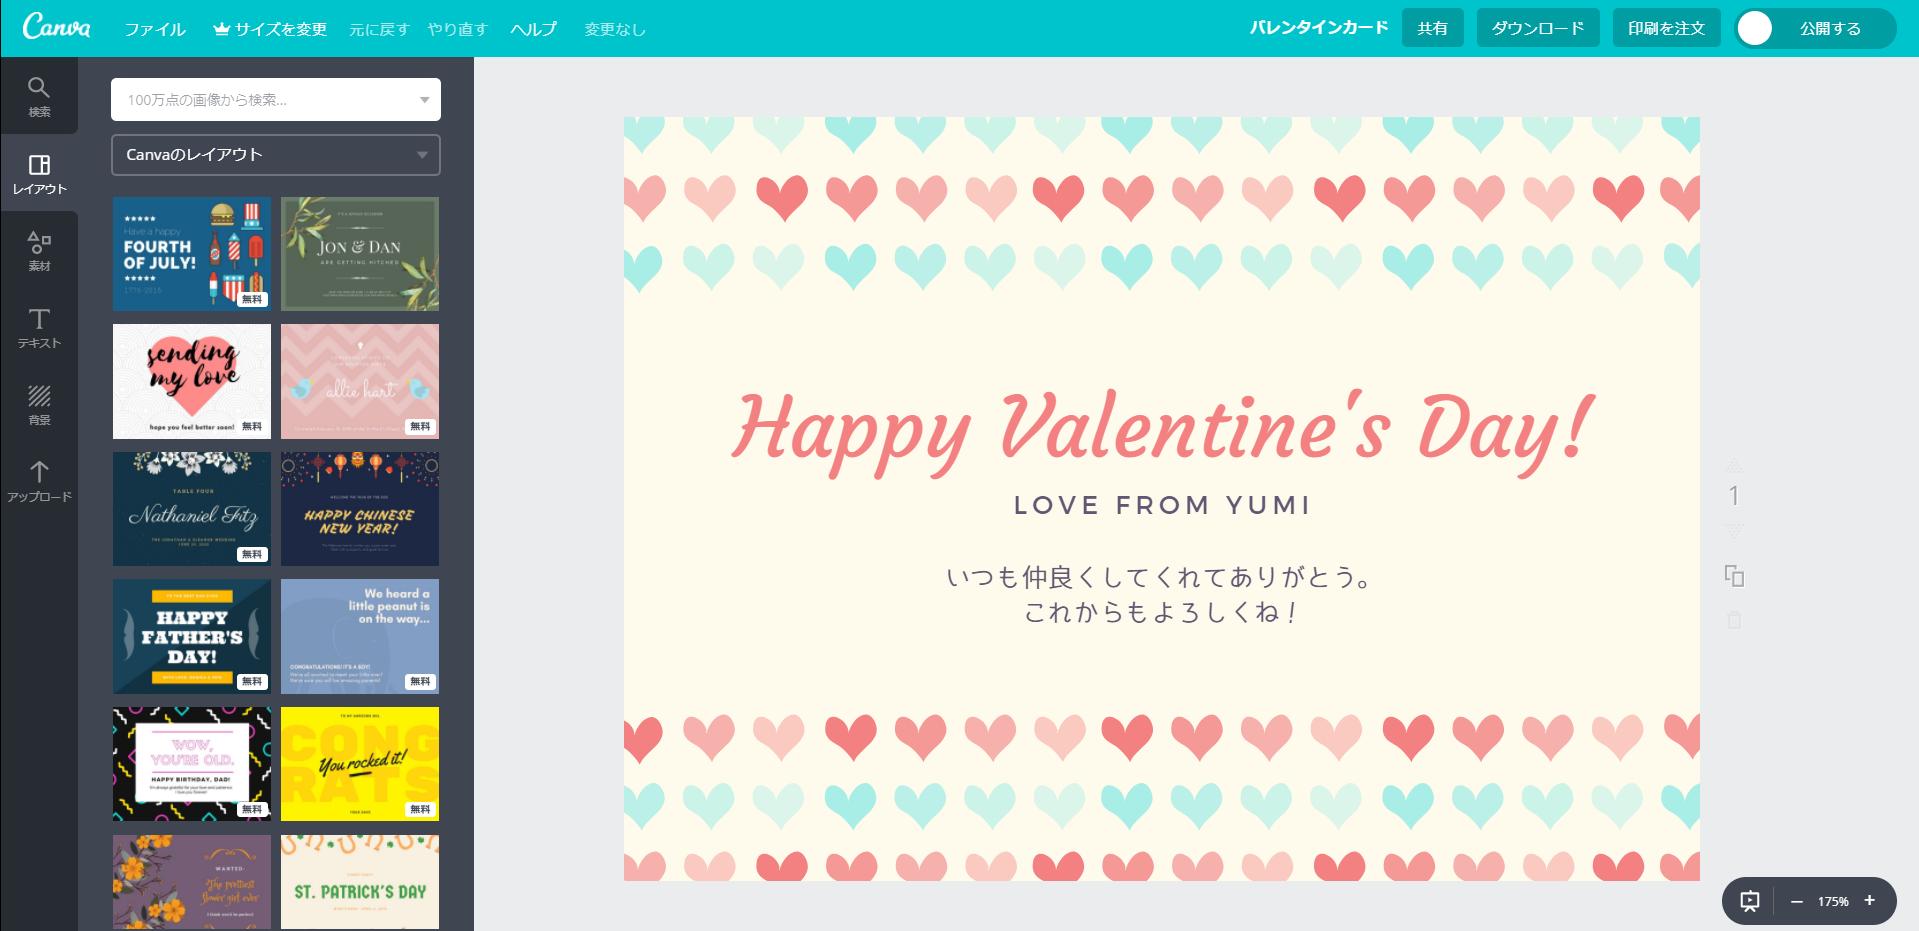 心がこもったバレンタインカードを手作り